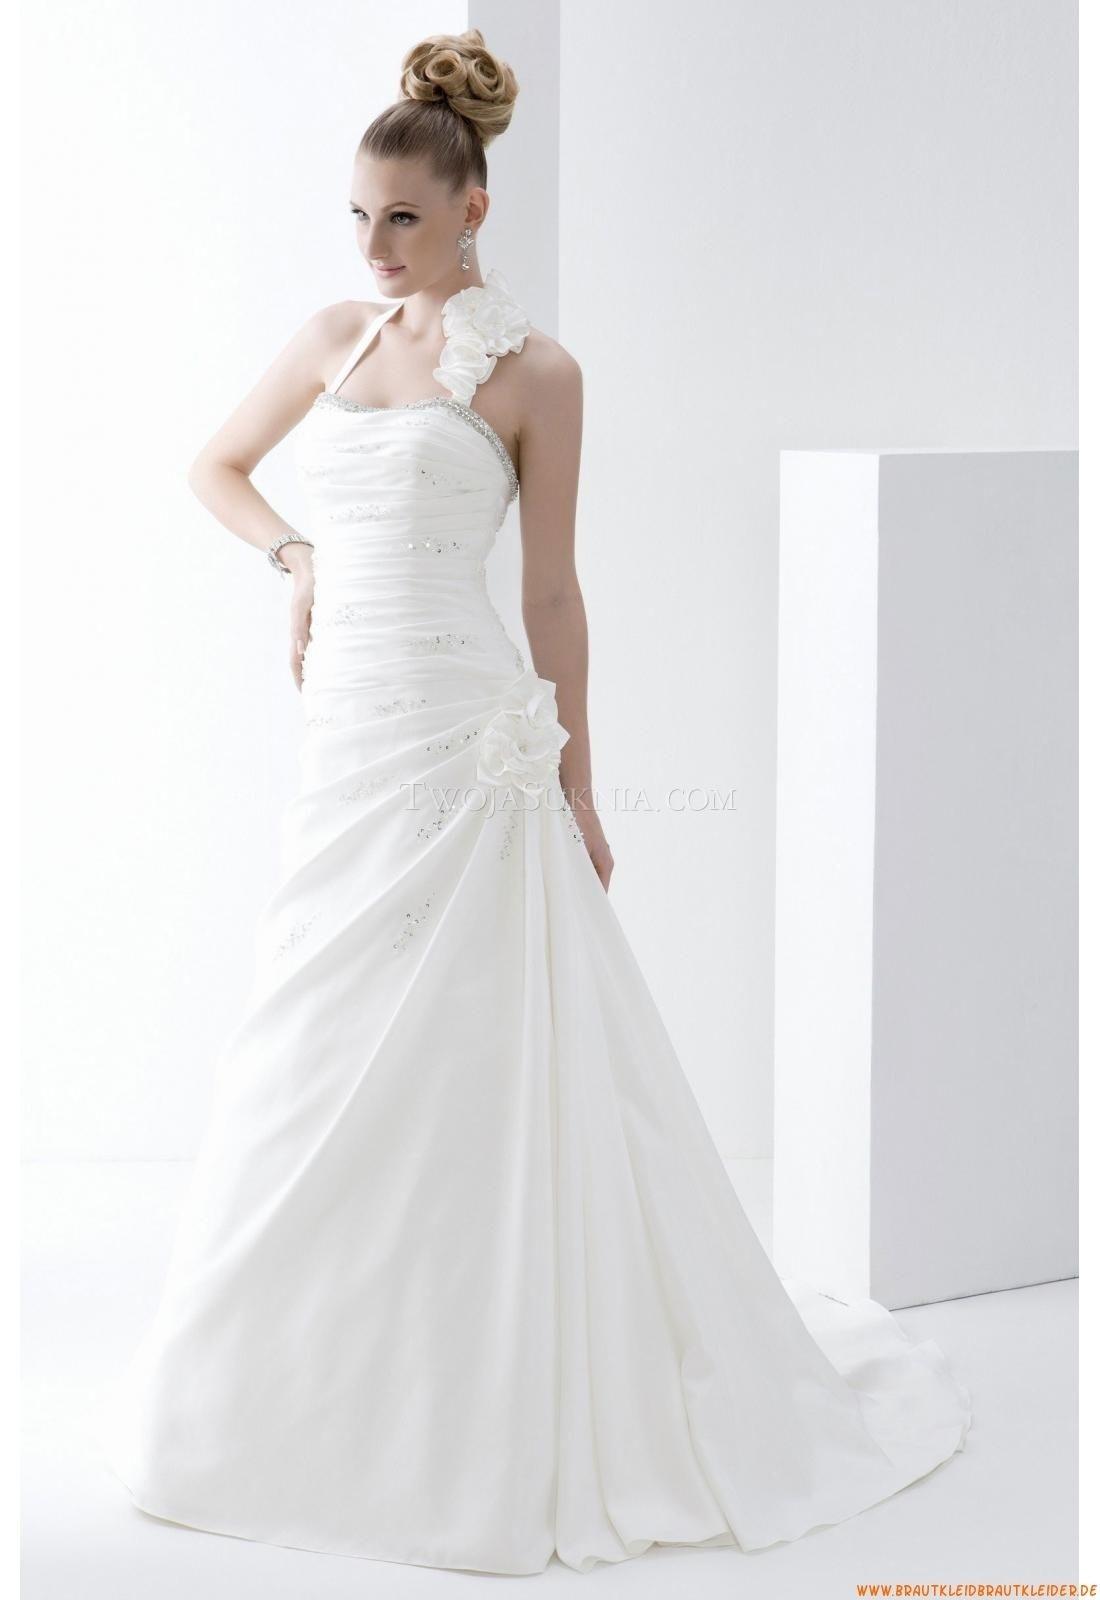 13 Einfach Weiße Abendkleider Lang Günstig für 2019 Einzigartig Weiße Abendkleider Lang Günstig Vertrieb